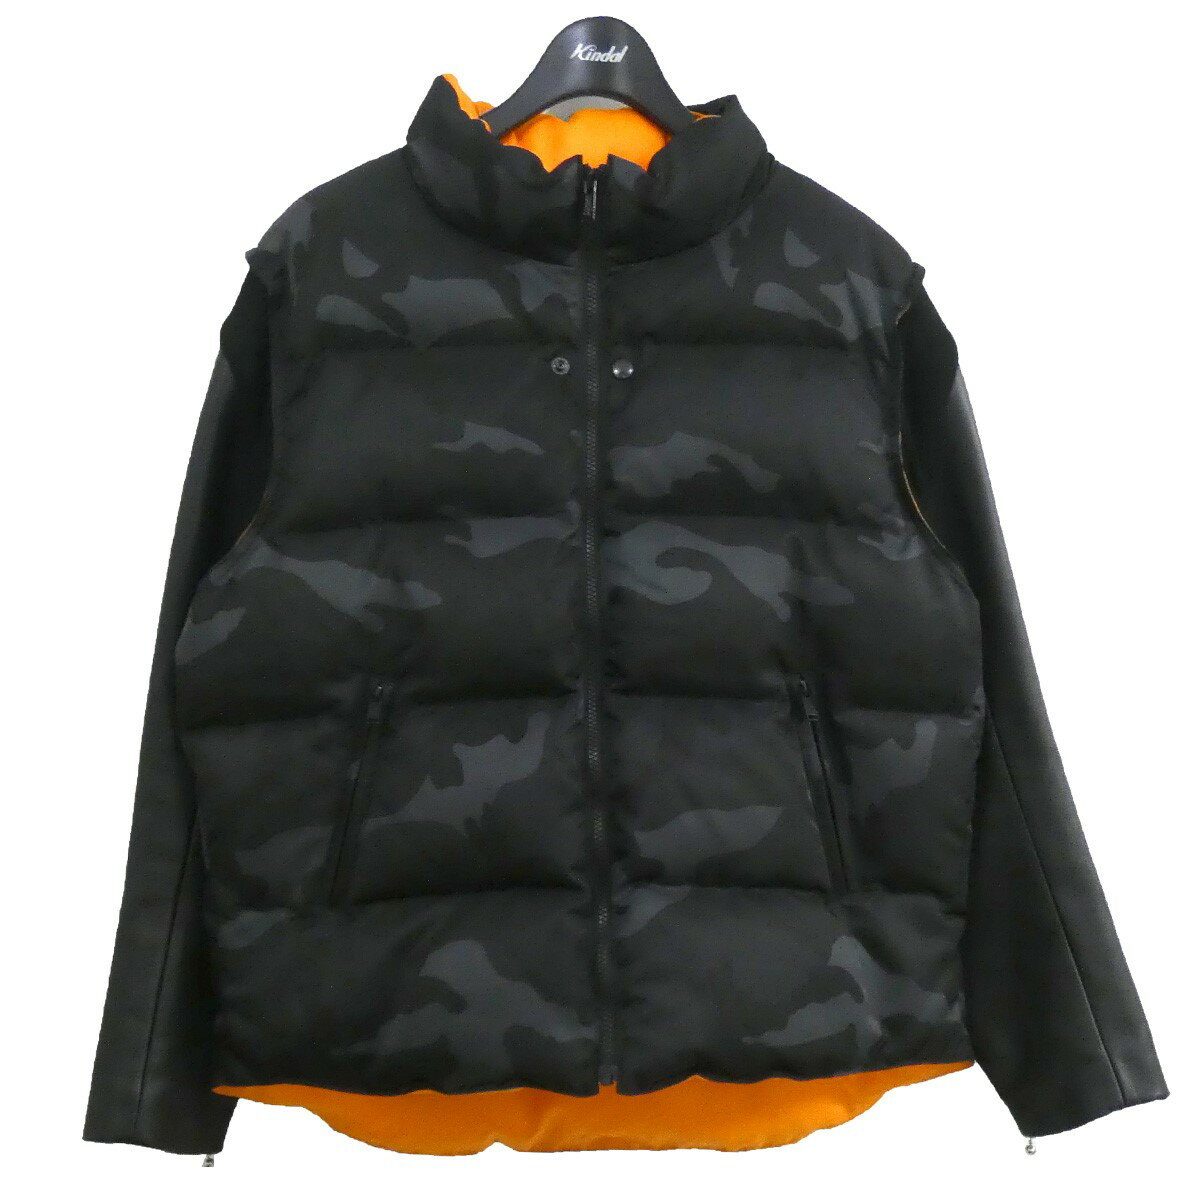 メンズファッション, コート・ジャケット UNDER COVERVALENTINO 21SS30th Anniversary Leather sleeve down jacket 3 010521